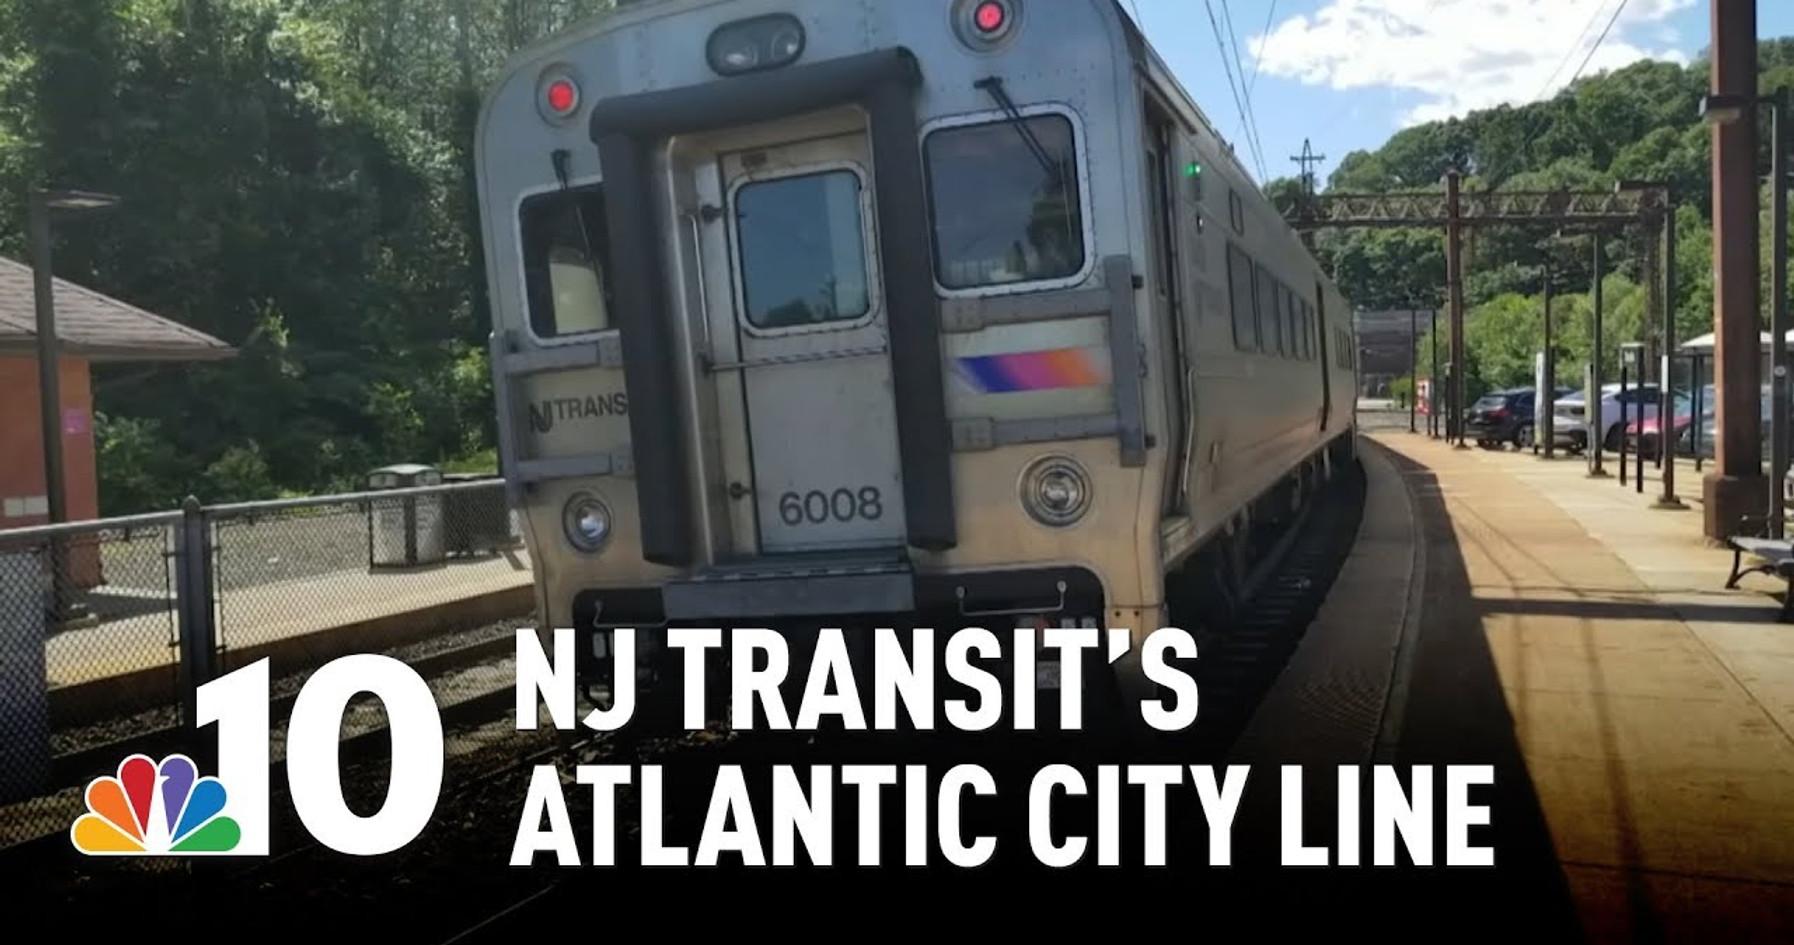 NJ Transit's Atlantic City Line: Off the Rails, Destination Unknown